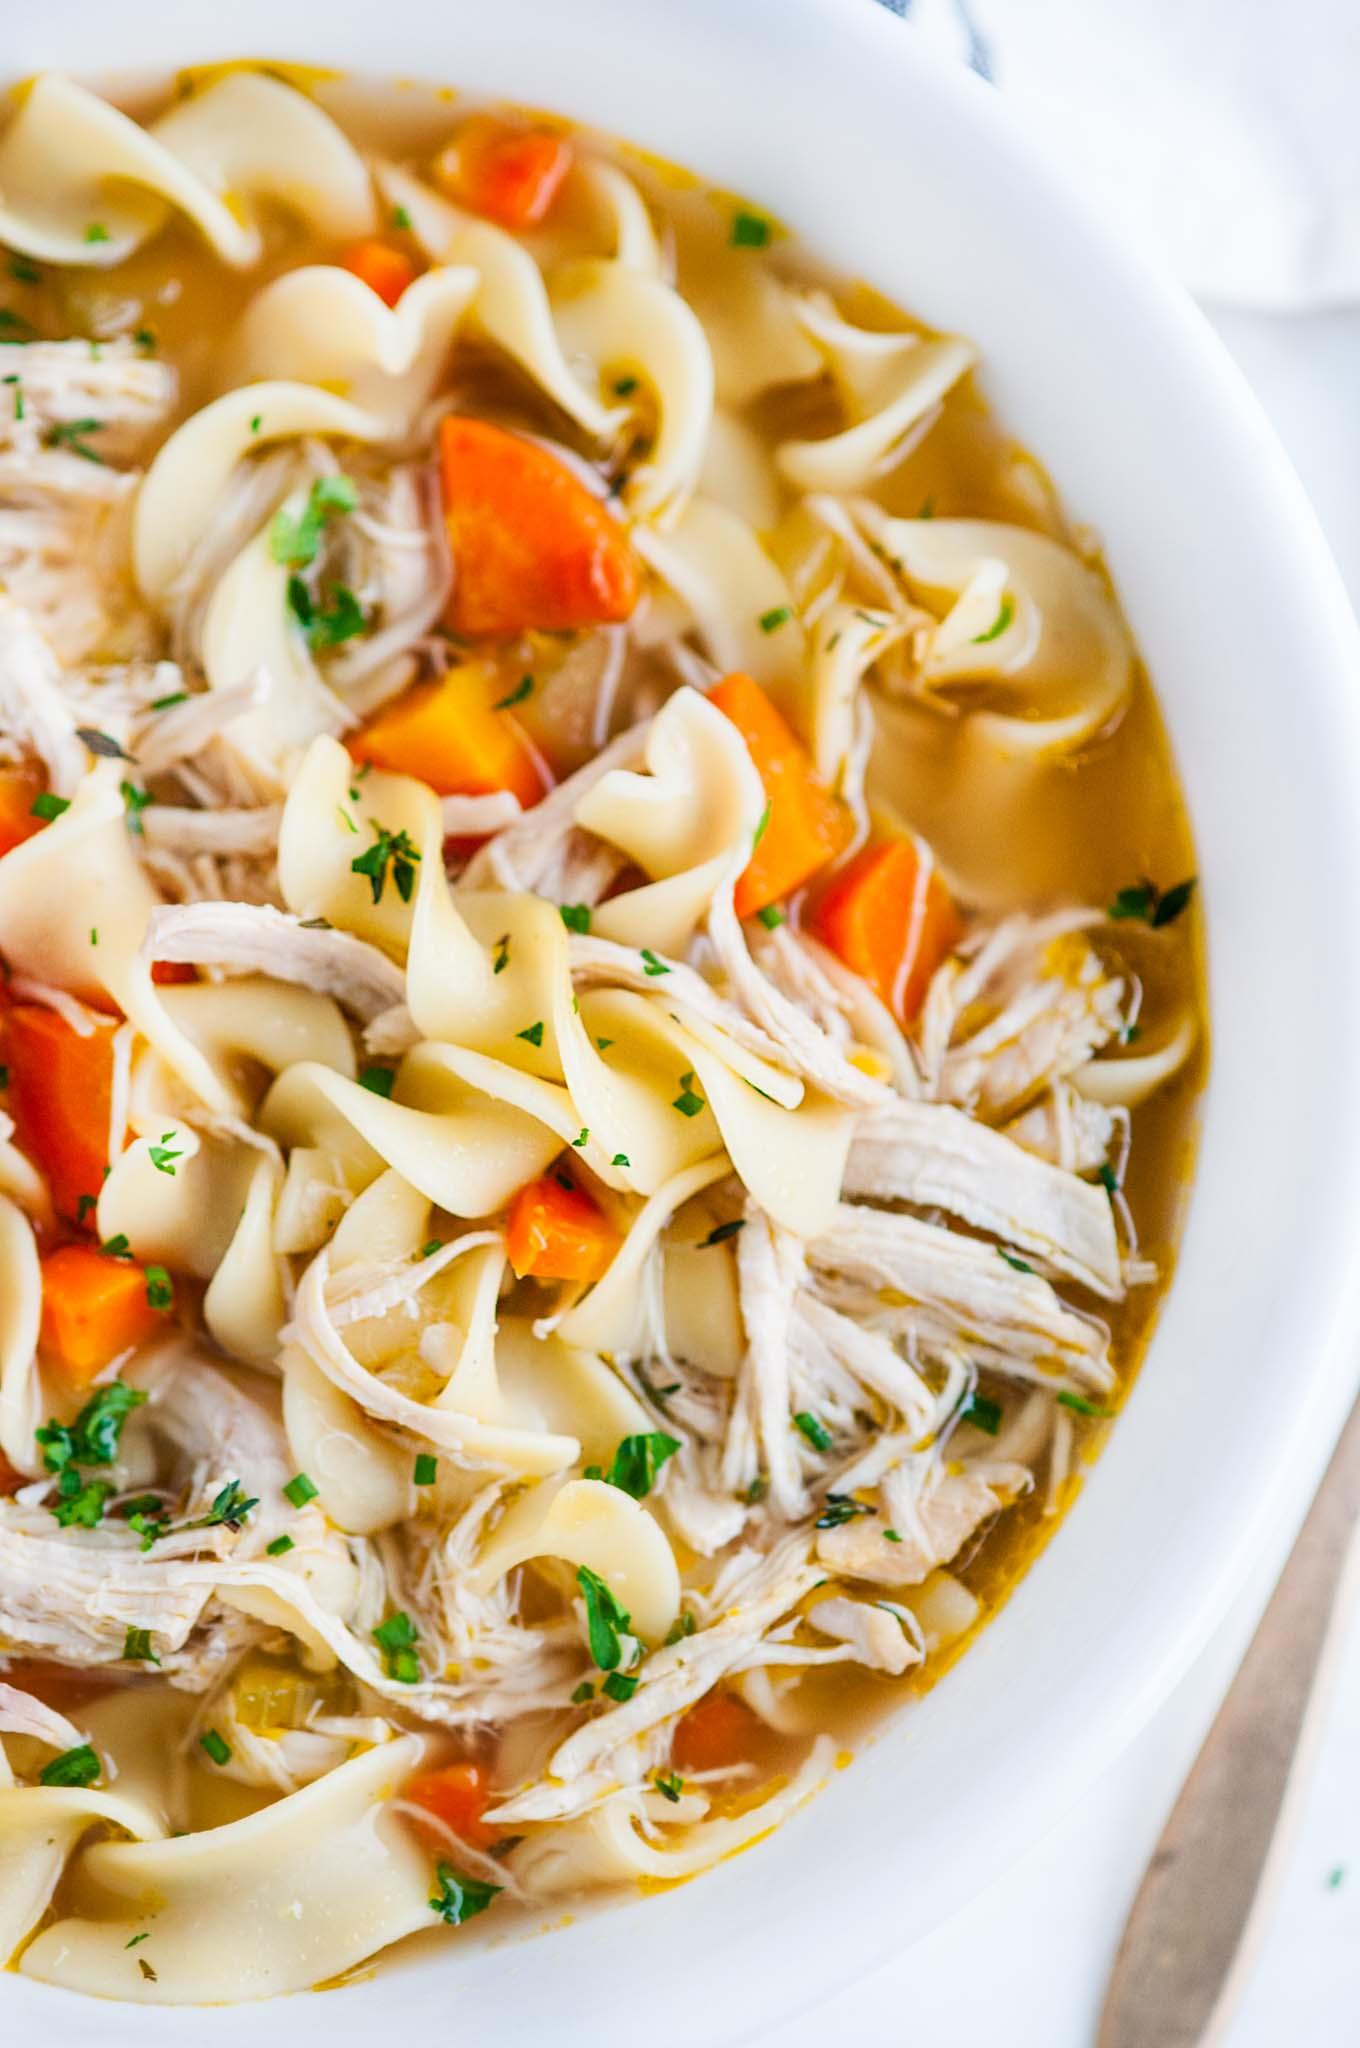 Instant Pot Chicken Noodle Soup - Aberdeen's Kitchen